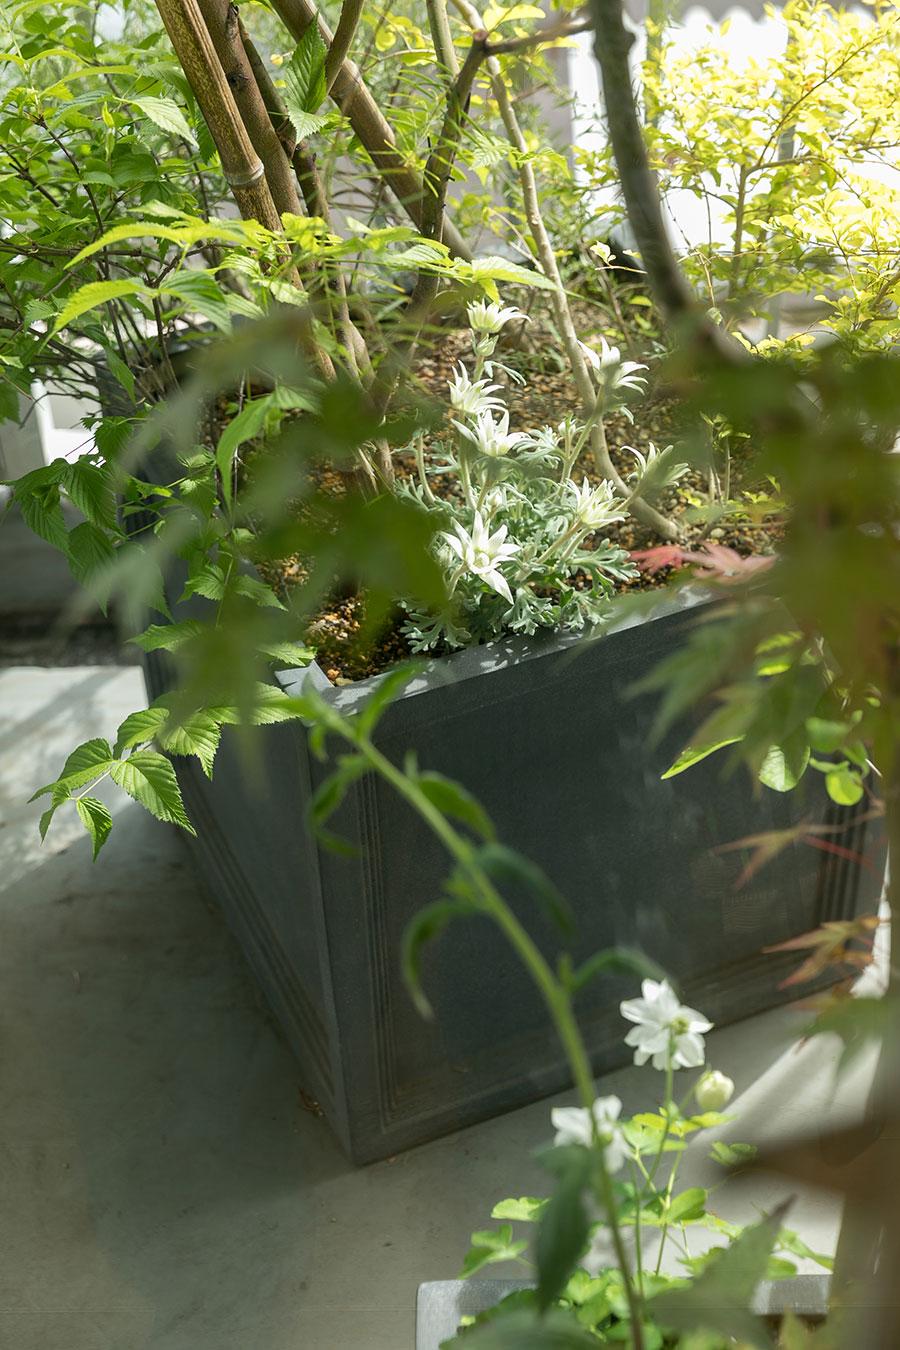 バルコニーの植栽も『ヒトクサ』で。「鉢は合成樹脂製です。石に見えますよね? ビックリしました。足元に植えたオダマキが、春になって少し場所を移動して出てくるのが愛おしいです」